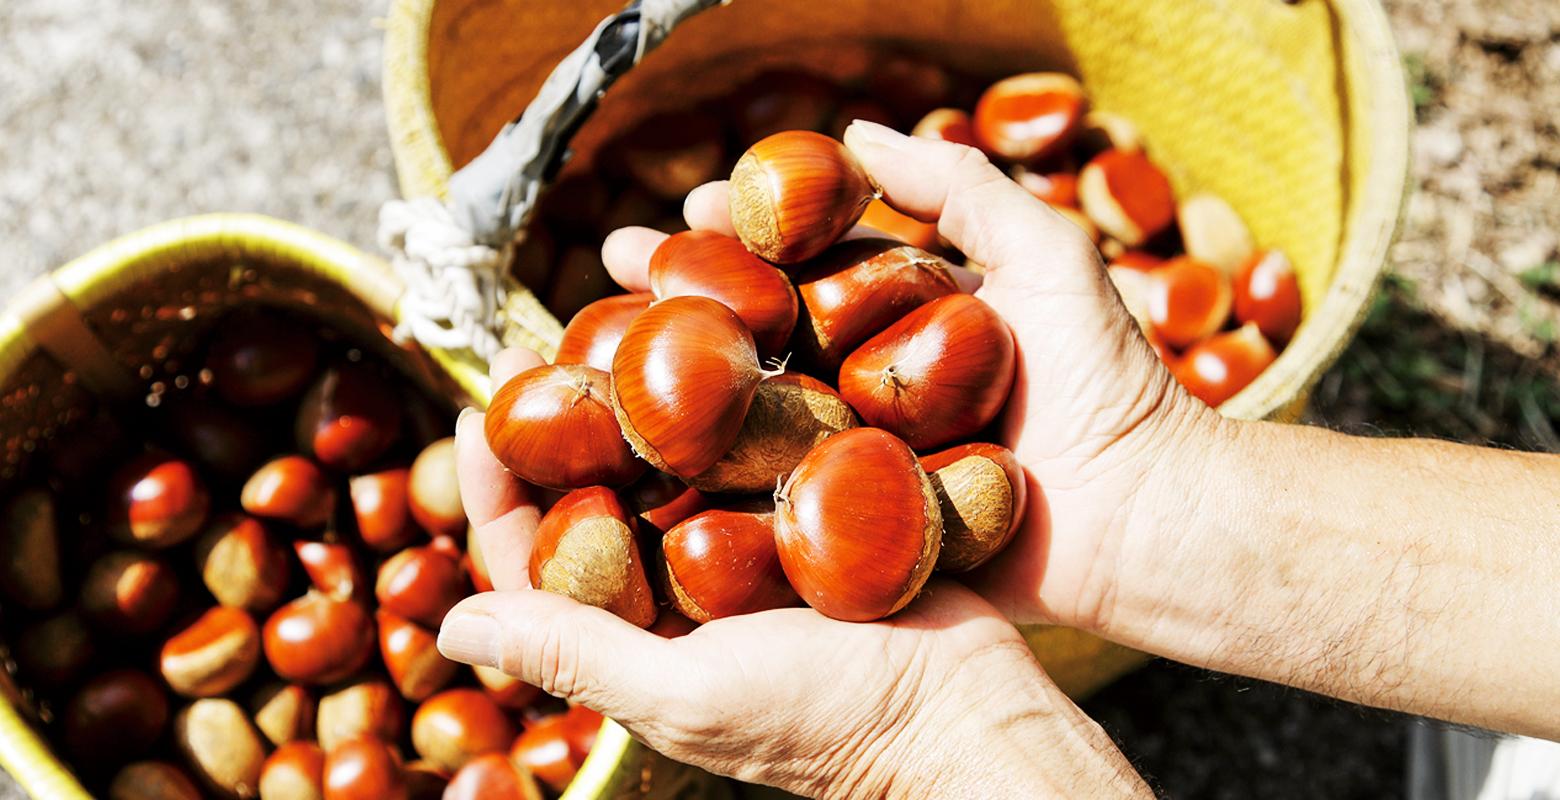 Chestnu / Oku iyo chestnut